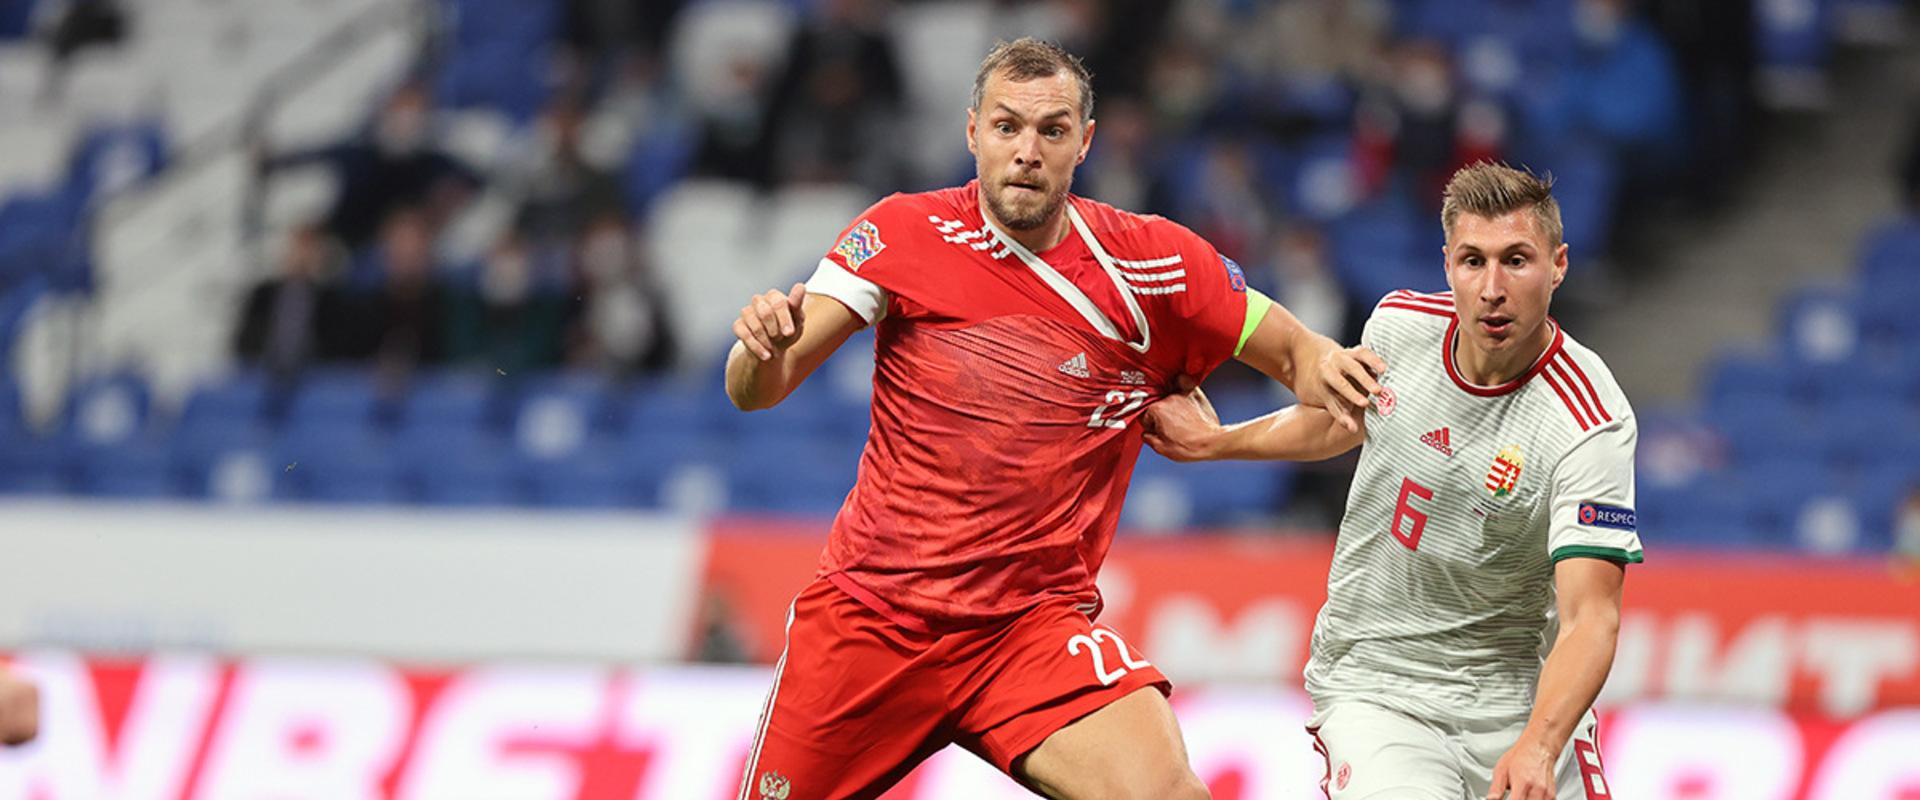 Артем Дзюба не сыграет за сборную со Словакией и Словенией